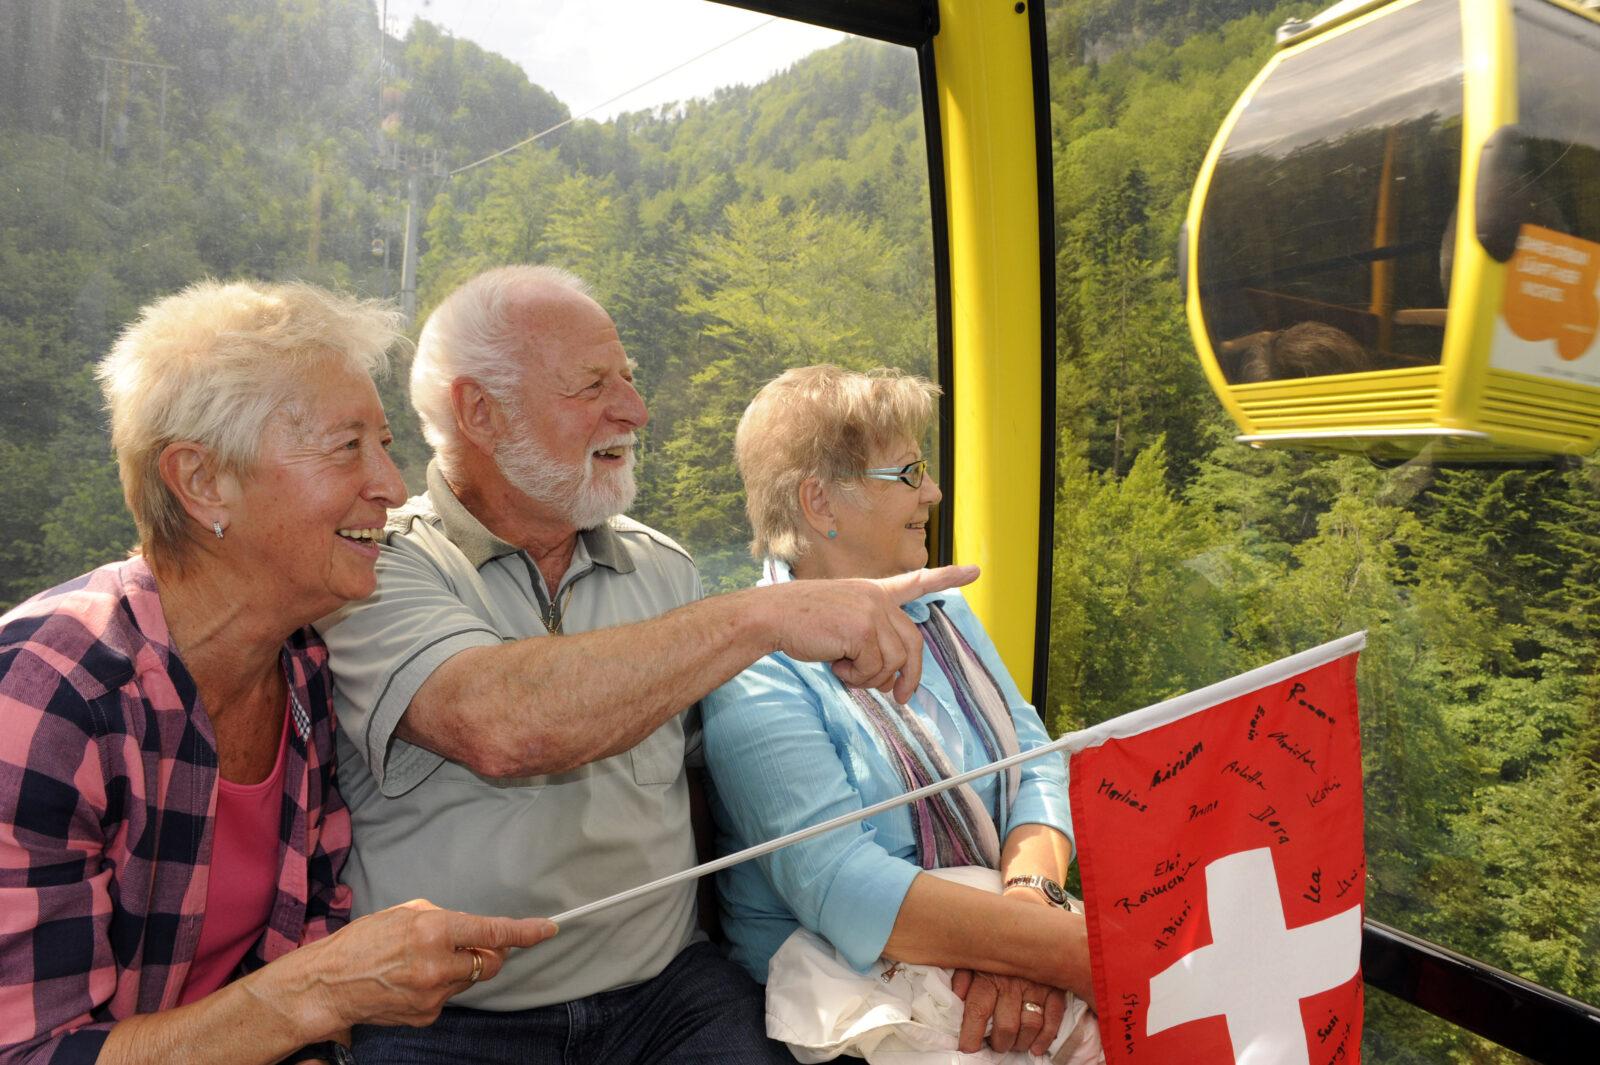 Seniorengruppe frankhauser 09